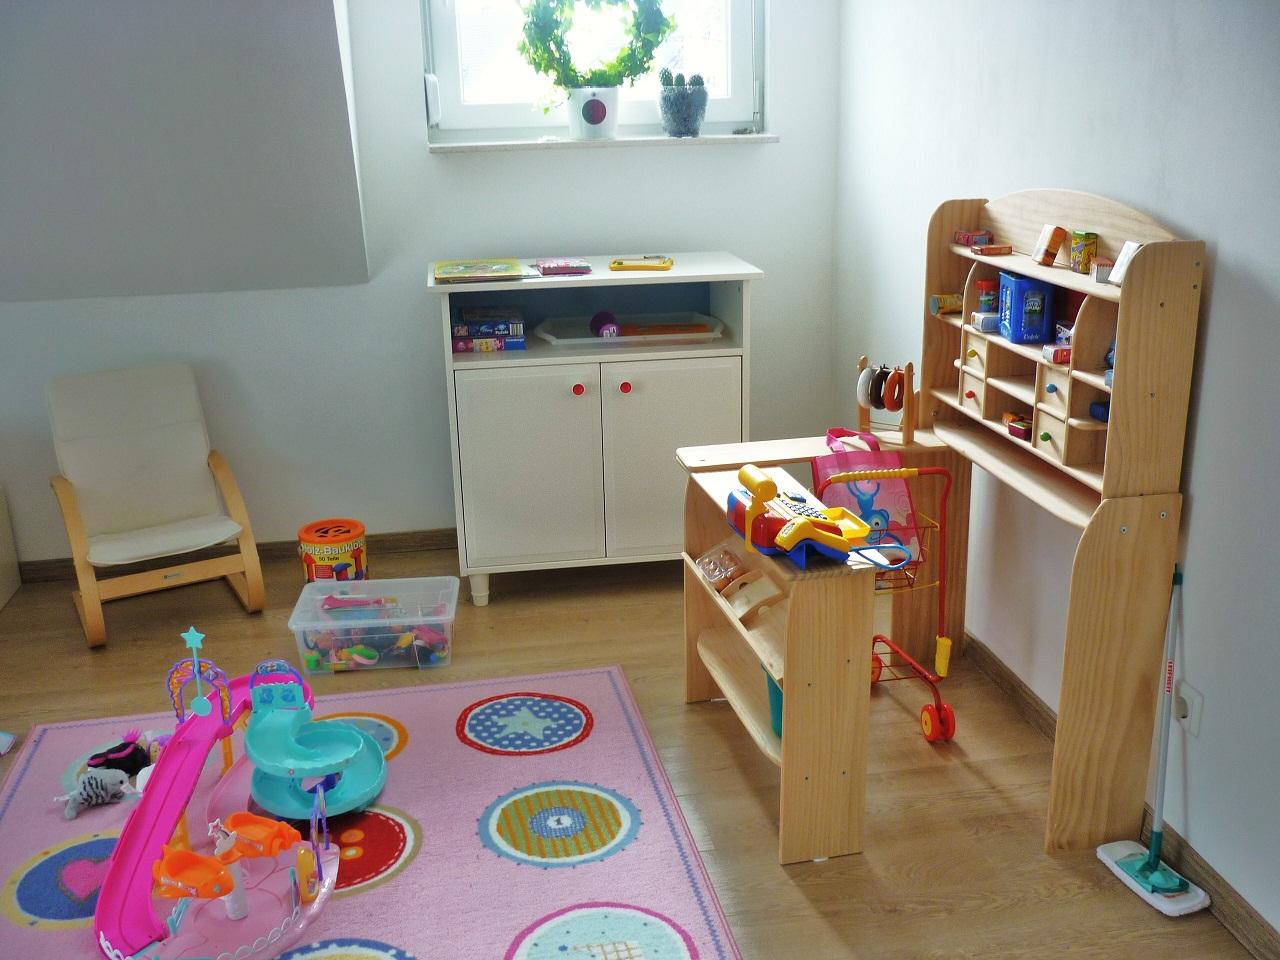 haus sauber halten nanny mania du schlpfst in die rolle der hausfrau und musst das haus sauber. Black Bedroom Furniture Sets. Home Design Ideas